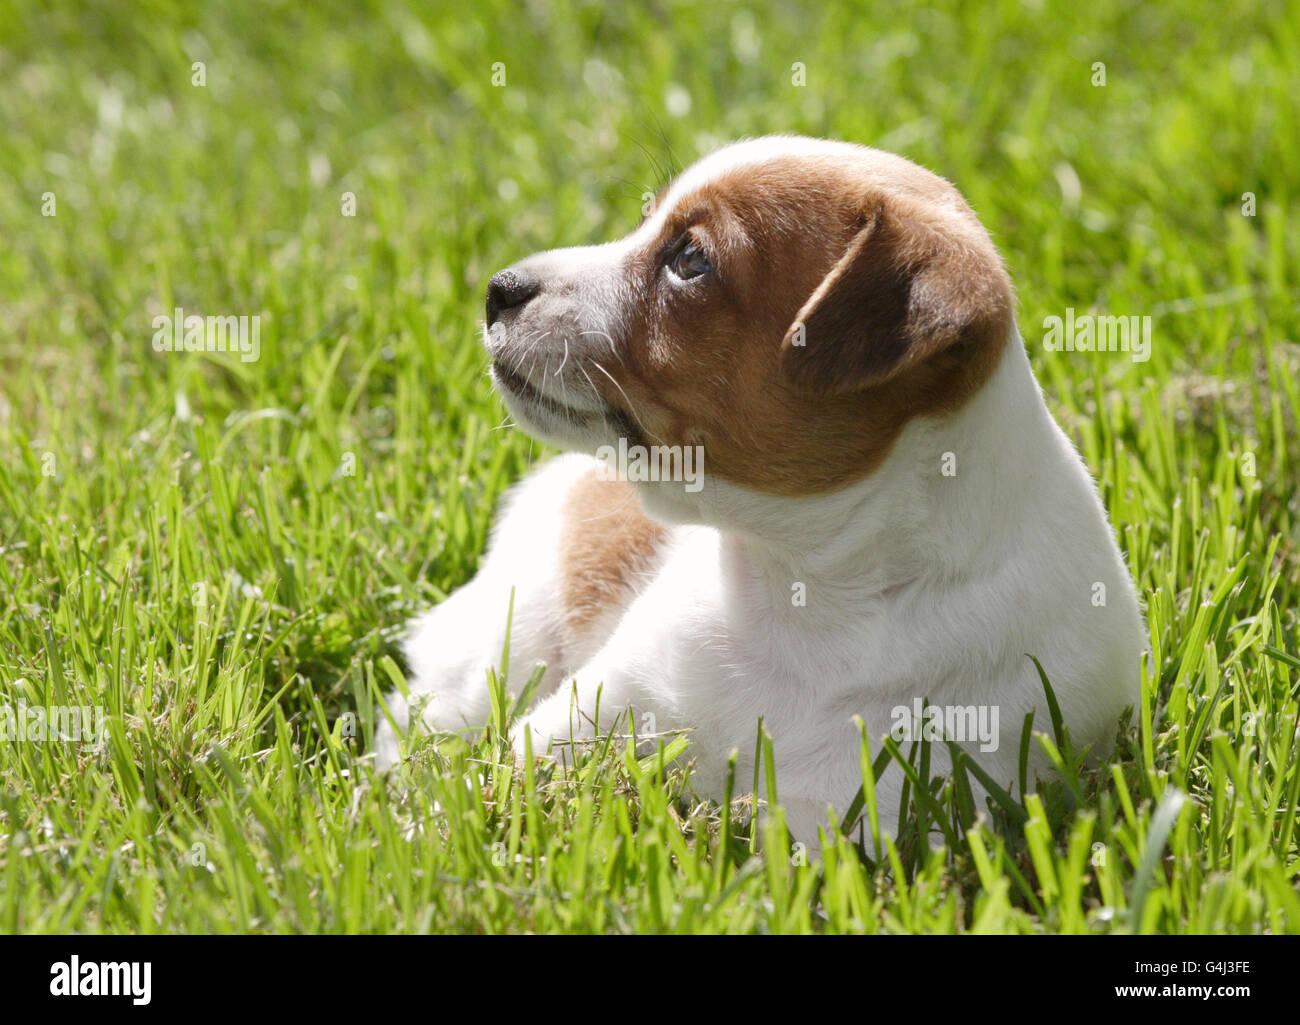 Danish Swedish farm dog - Stock Image